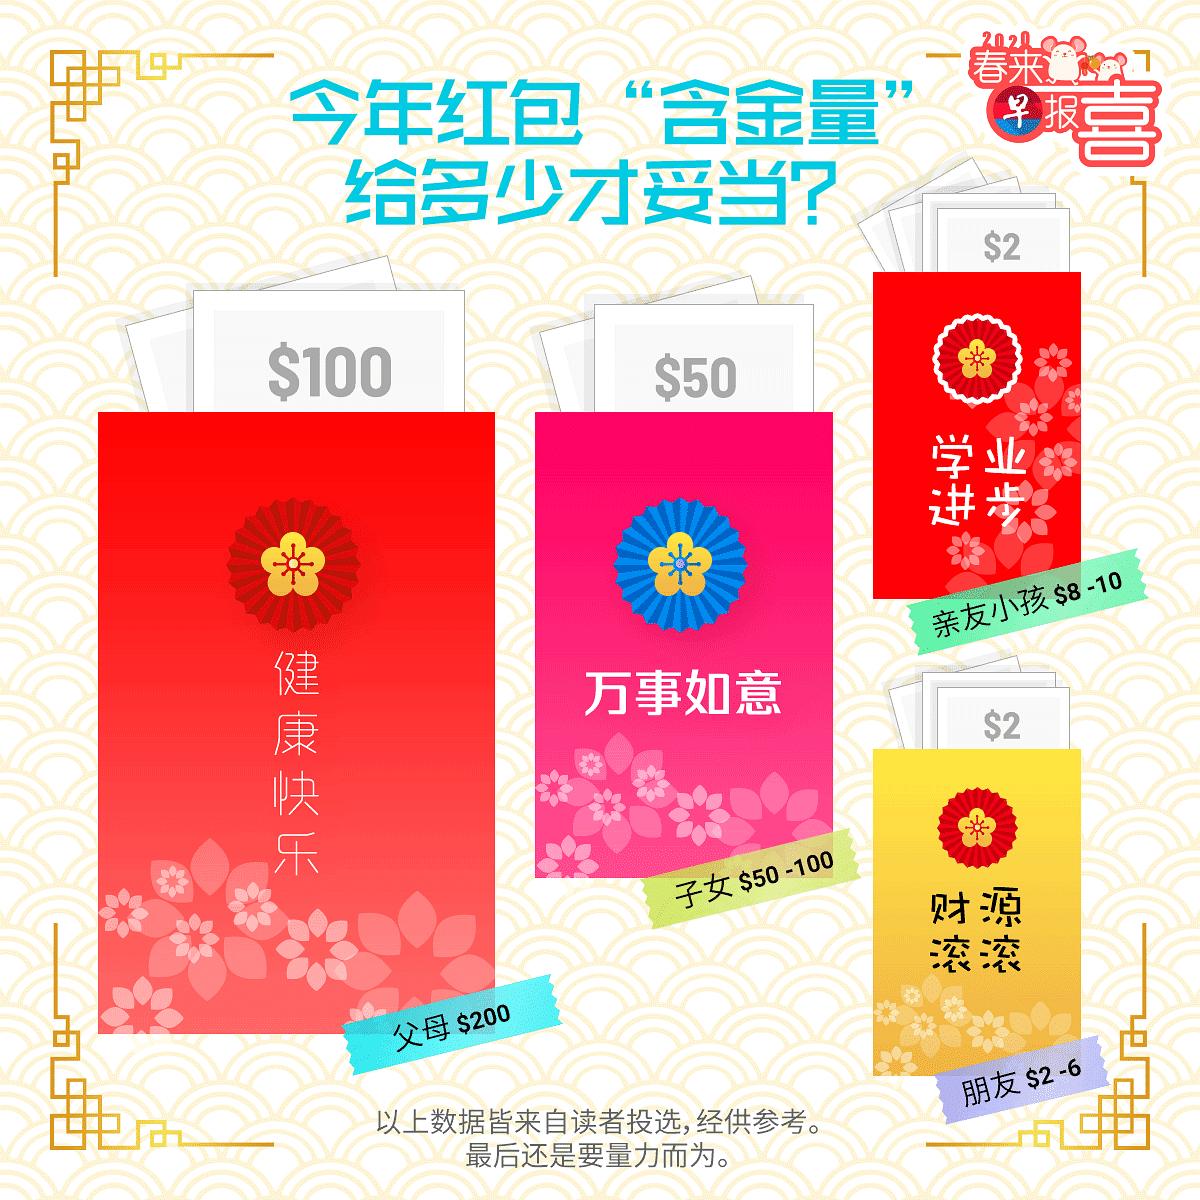 zaobaosg Chinese New Year Ang Bao Rates Guide